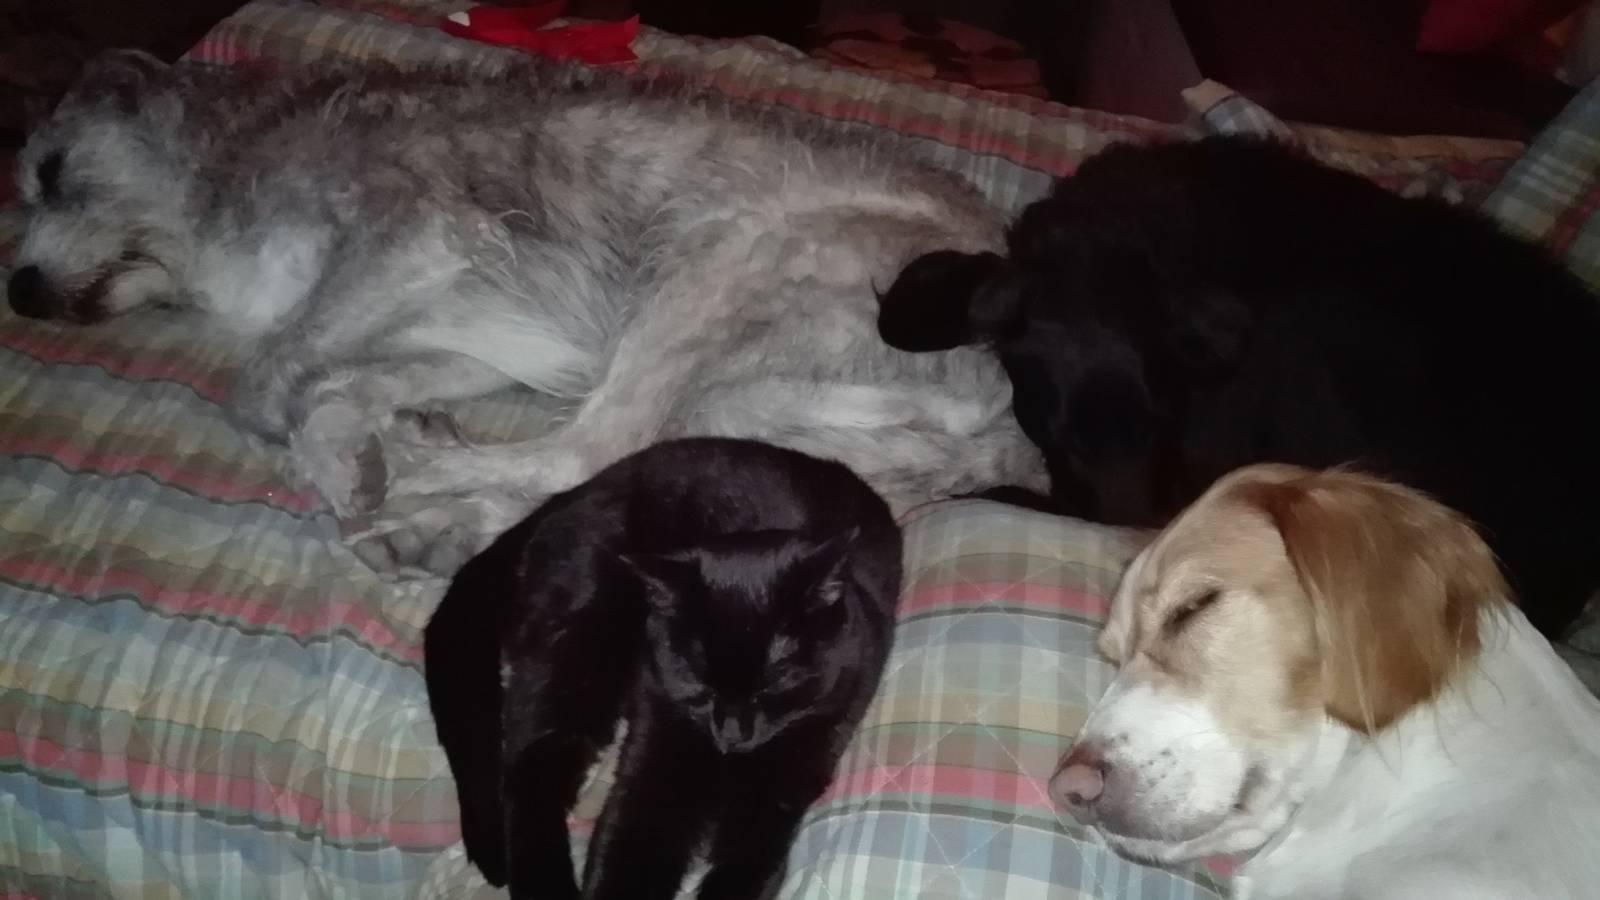 Las 4 peludas echándose la siesta juntas